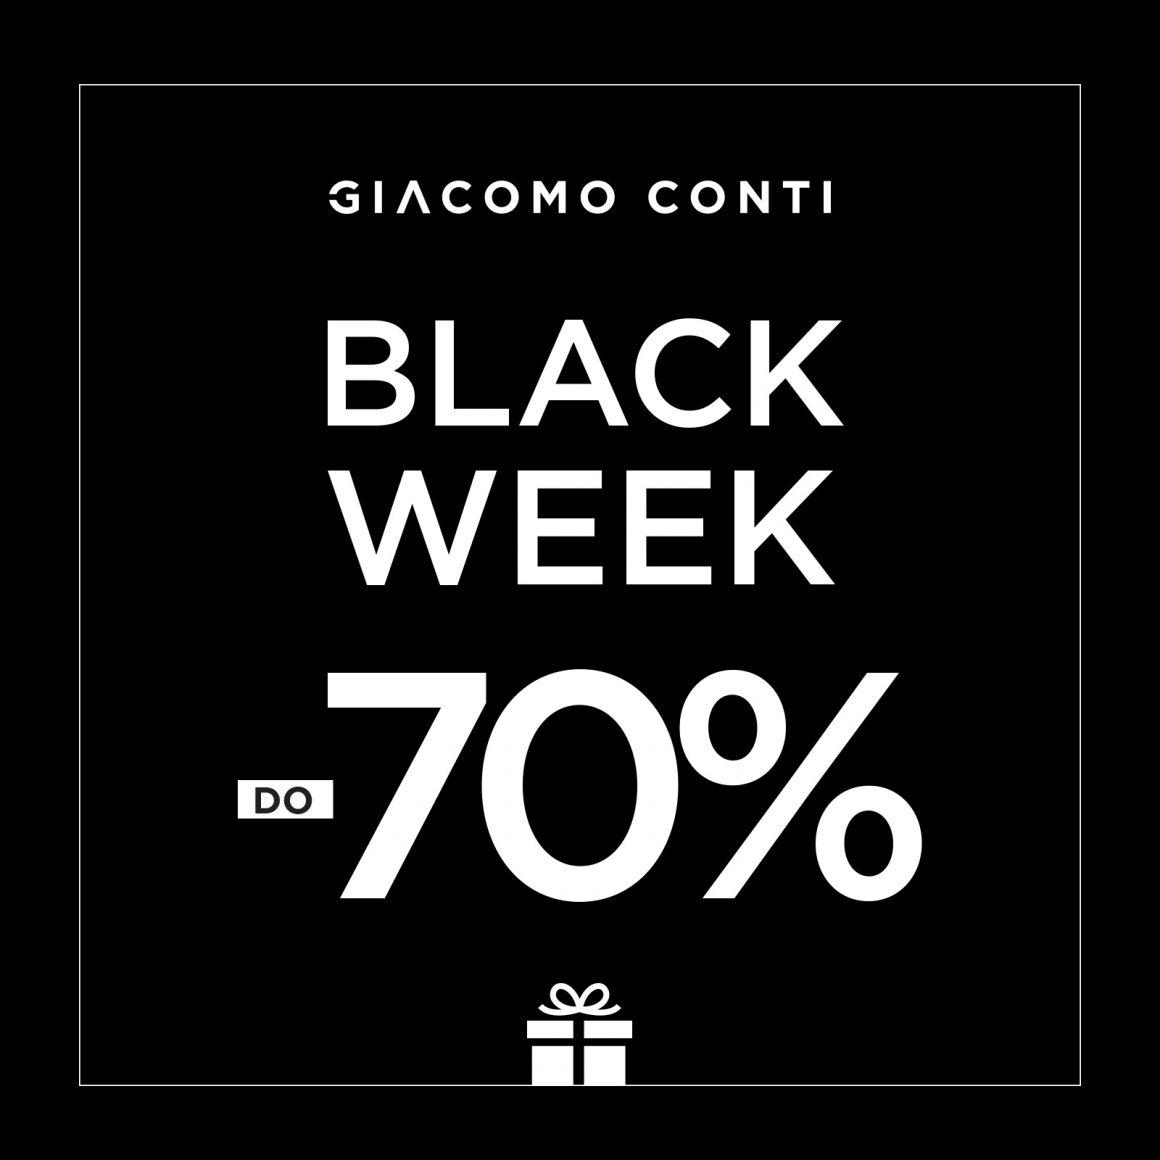 #blackweek w Giacomo Conti?